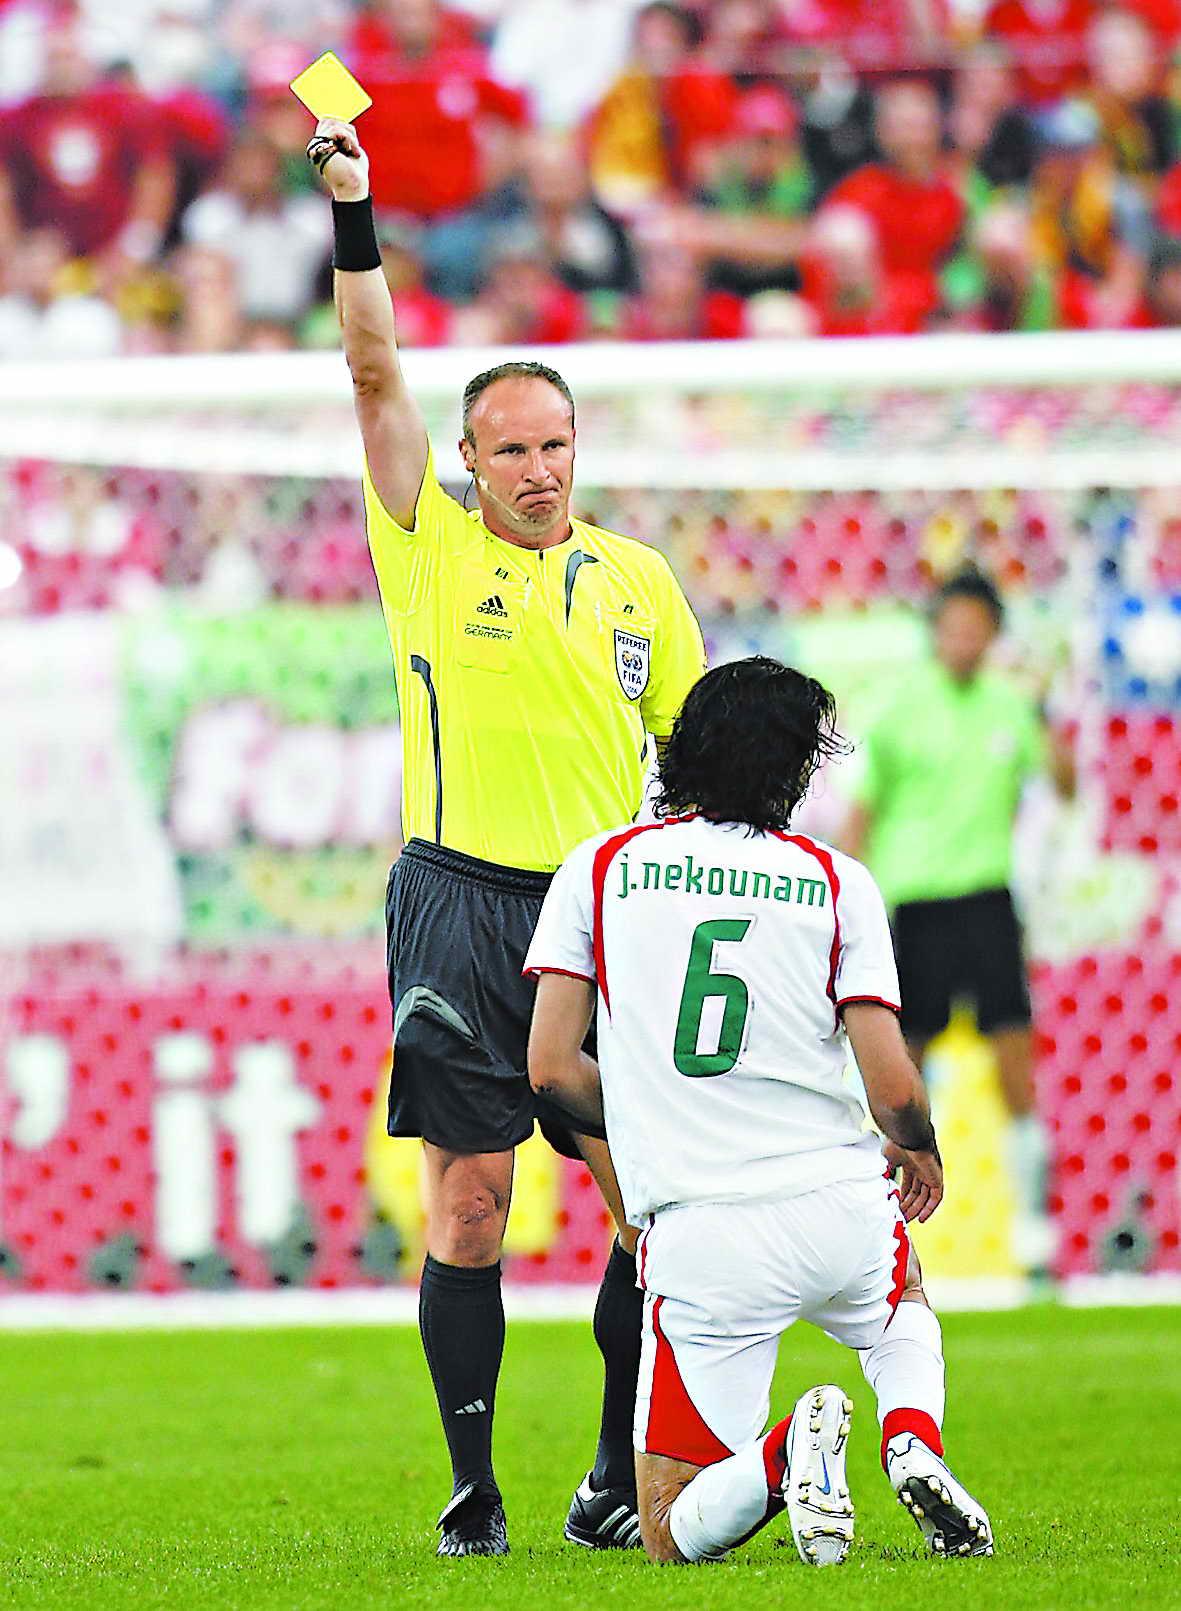 足球史上红牌最多的比赛_足球比赛黄红牌_足球门将红牌